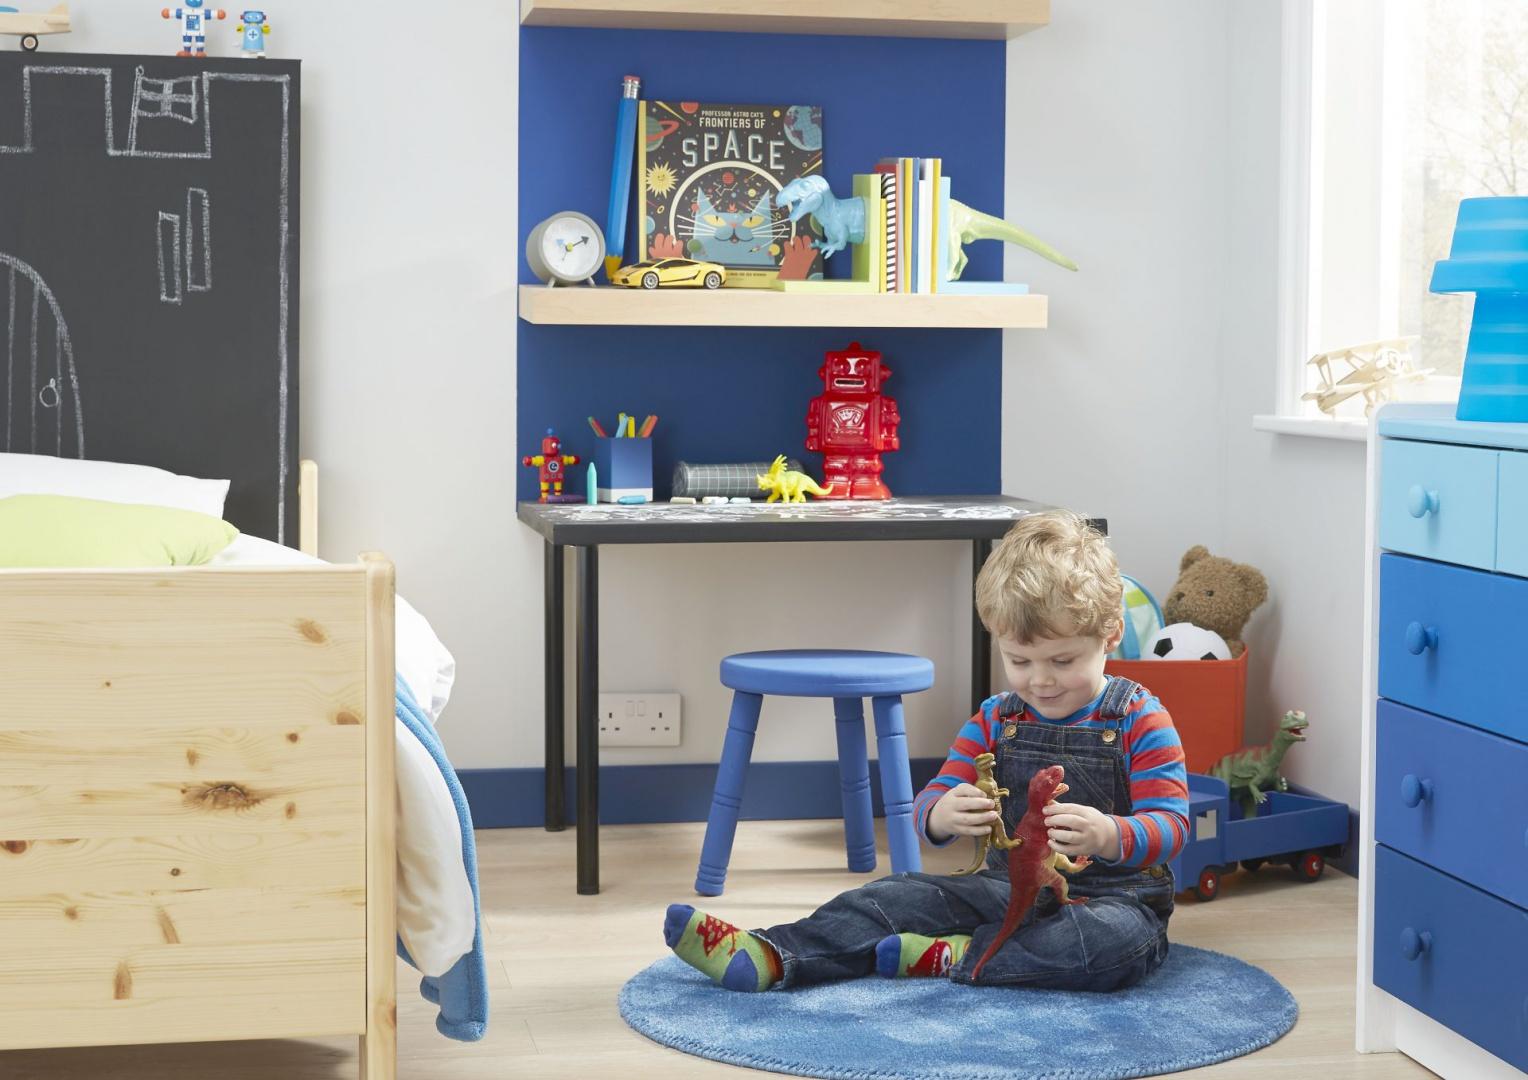 Pokój przedszkolaka powinien uwzględniać przestrzeń do zabawy, która wypełnia większość czasu, ale też rysowania i nauki pisania pierwszych słów. Fot. Colours at B&Q.